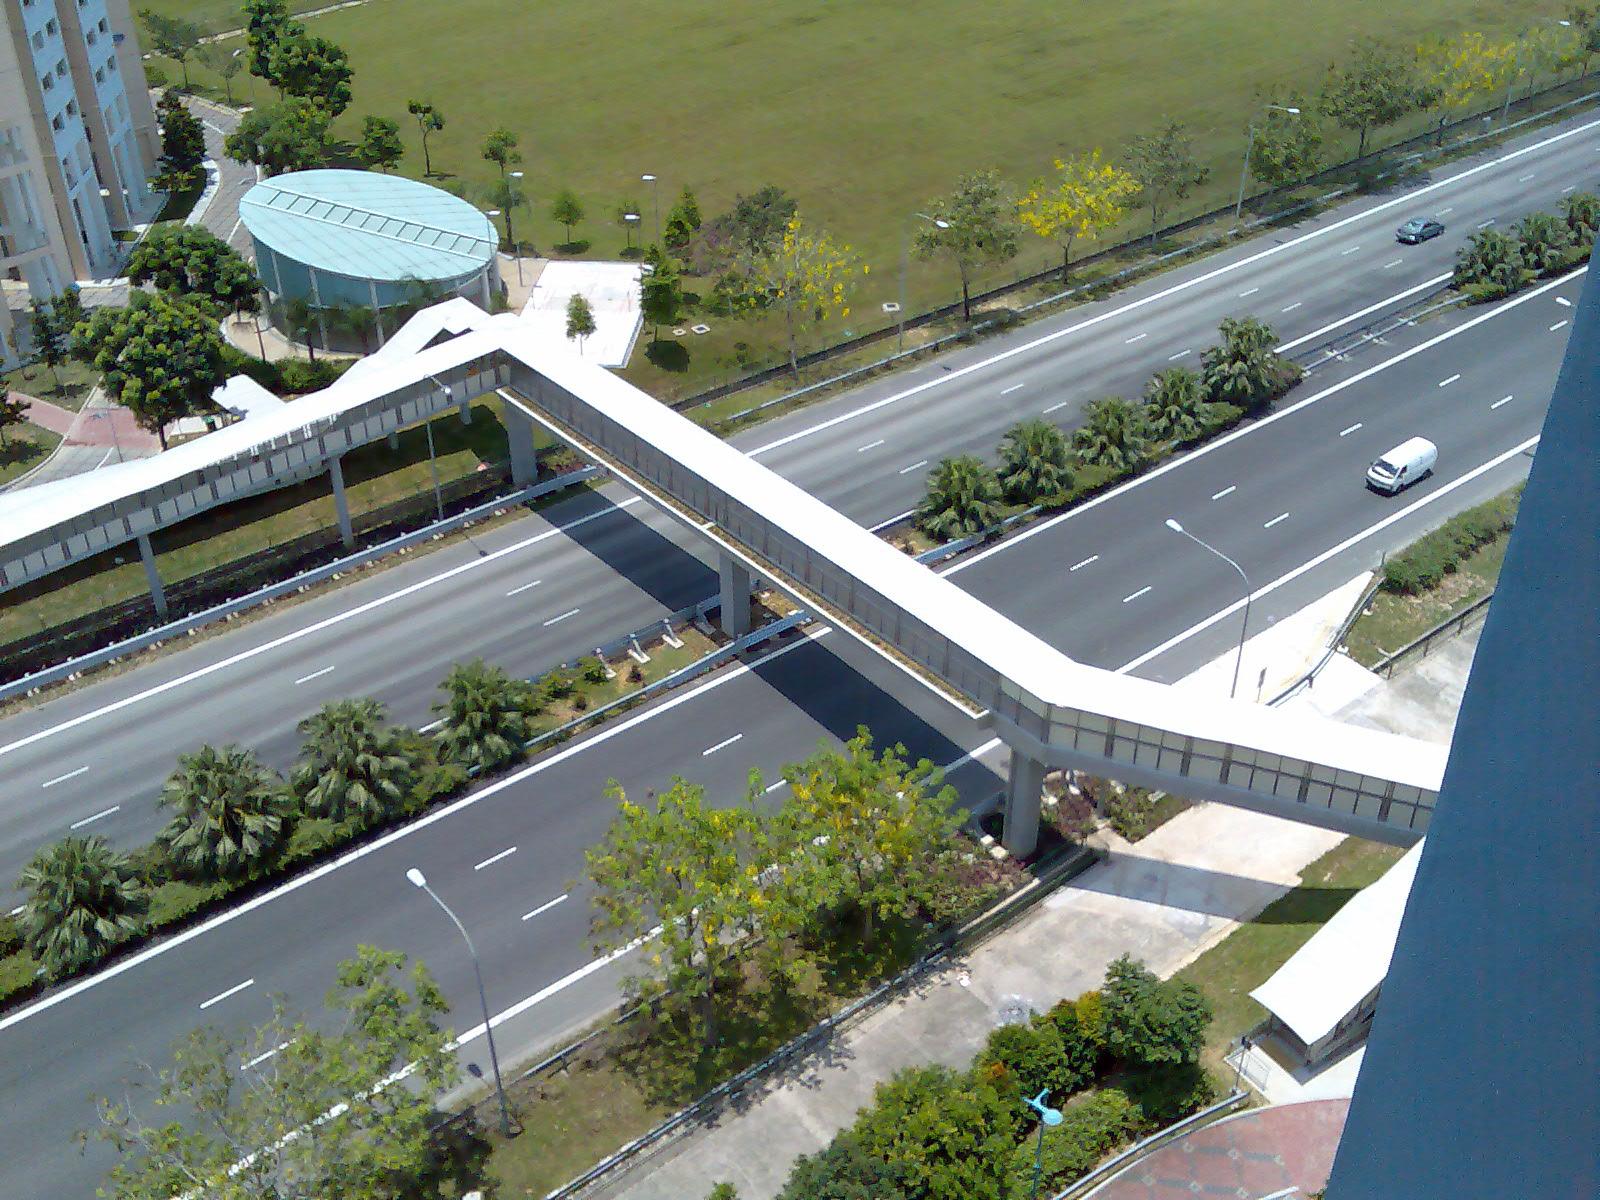 [Bridge2.jpg]